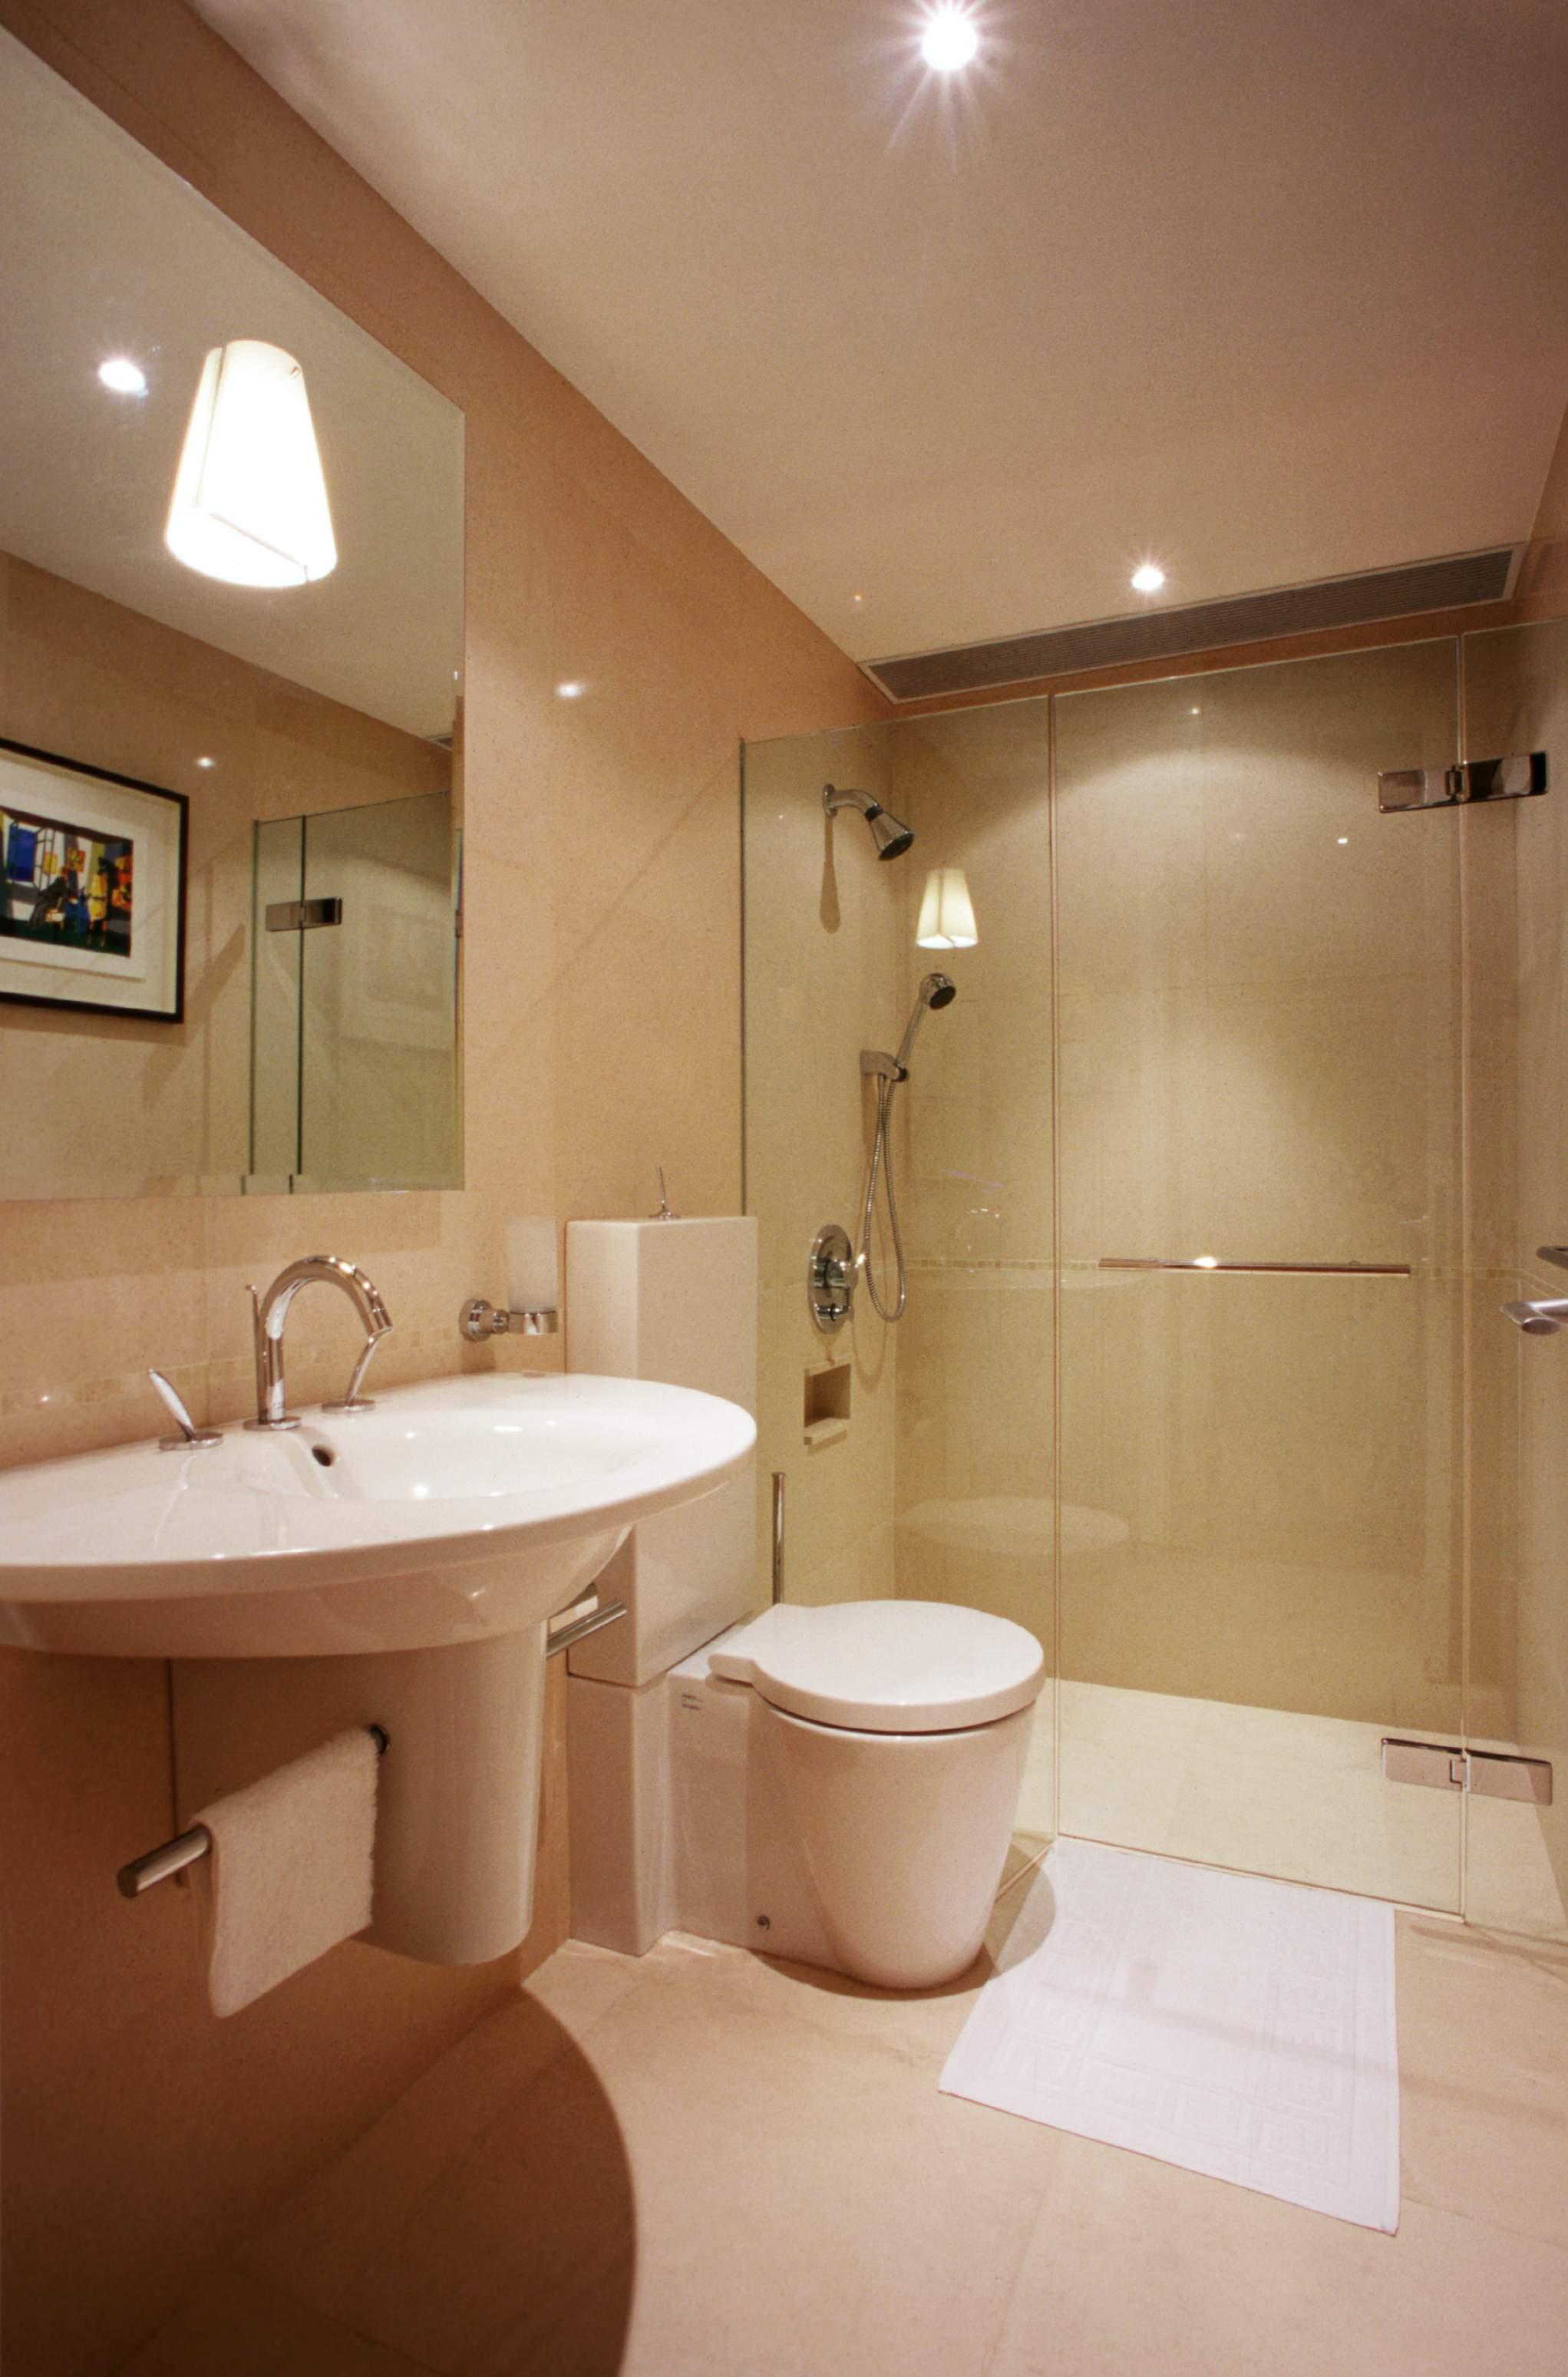 娱乐资讯_2013现代风格样板房简单家装卫生间镜子洗手盆装修效果图 – ...